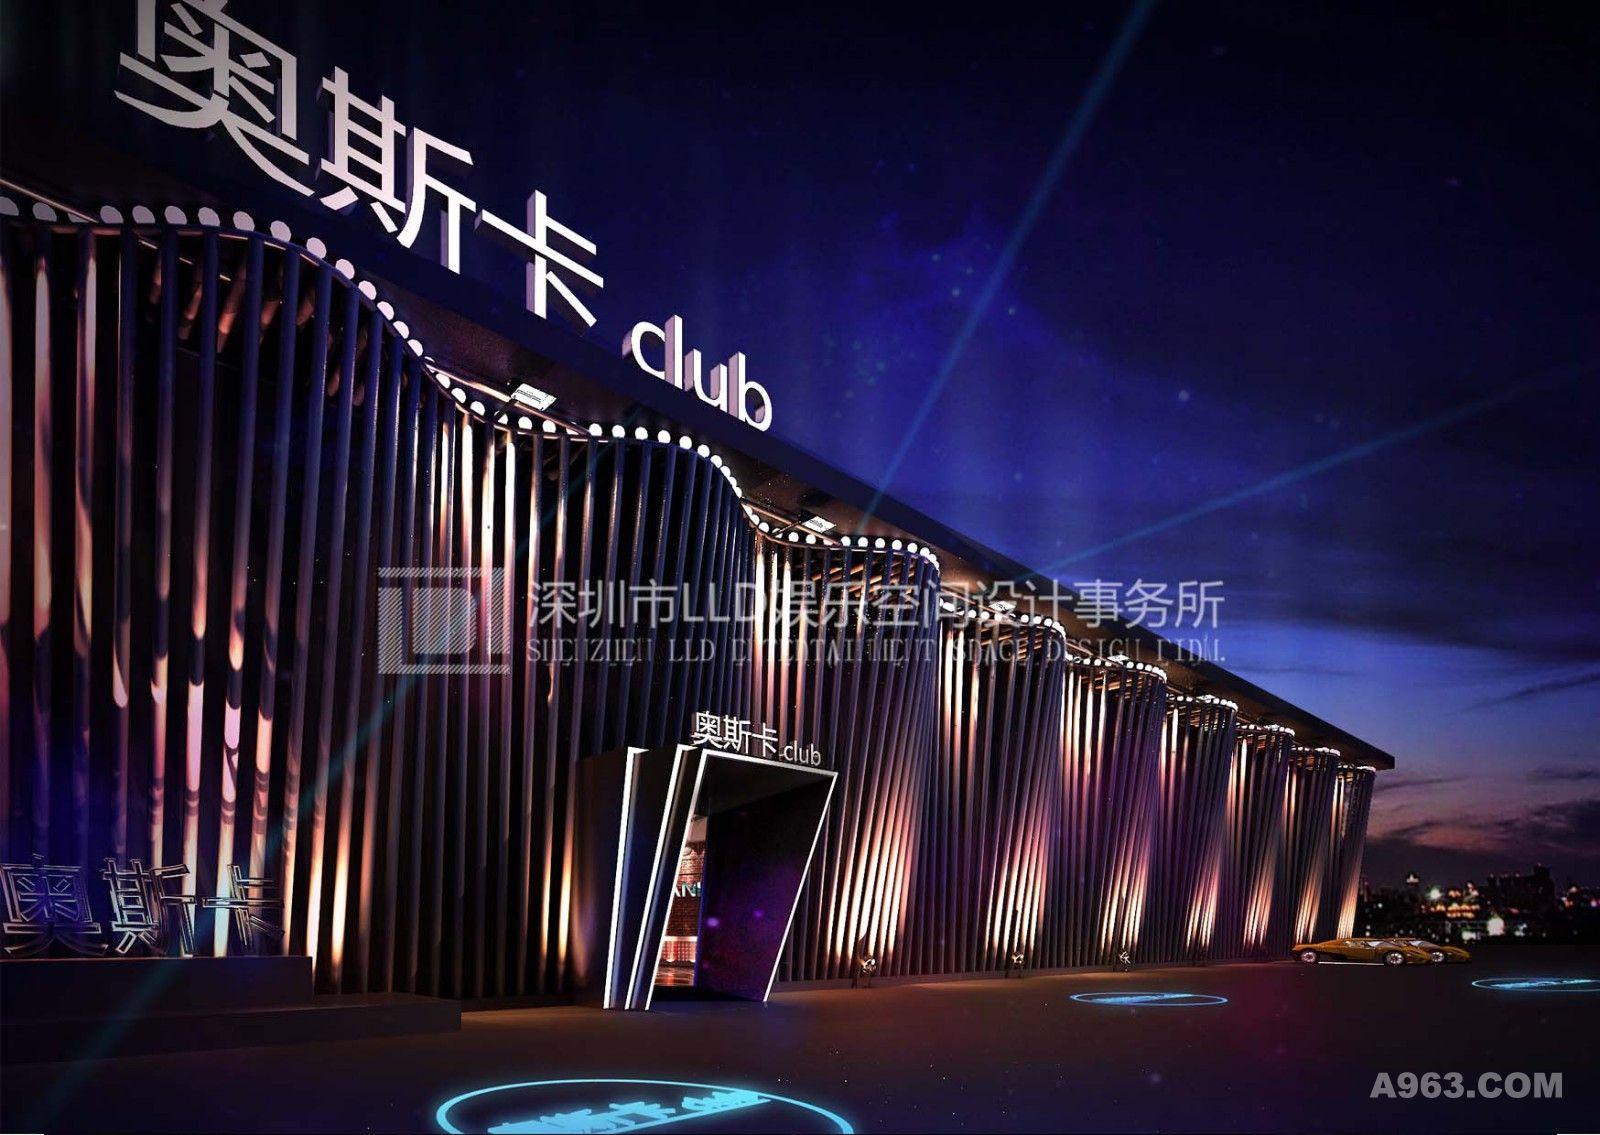 荆州大众预言店图片-北京电影院-万达点评网,图片广场:525×700,来自尺寸科幻电影图片